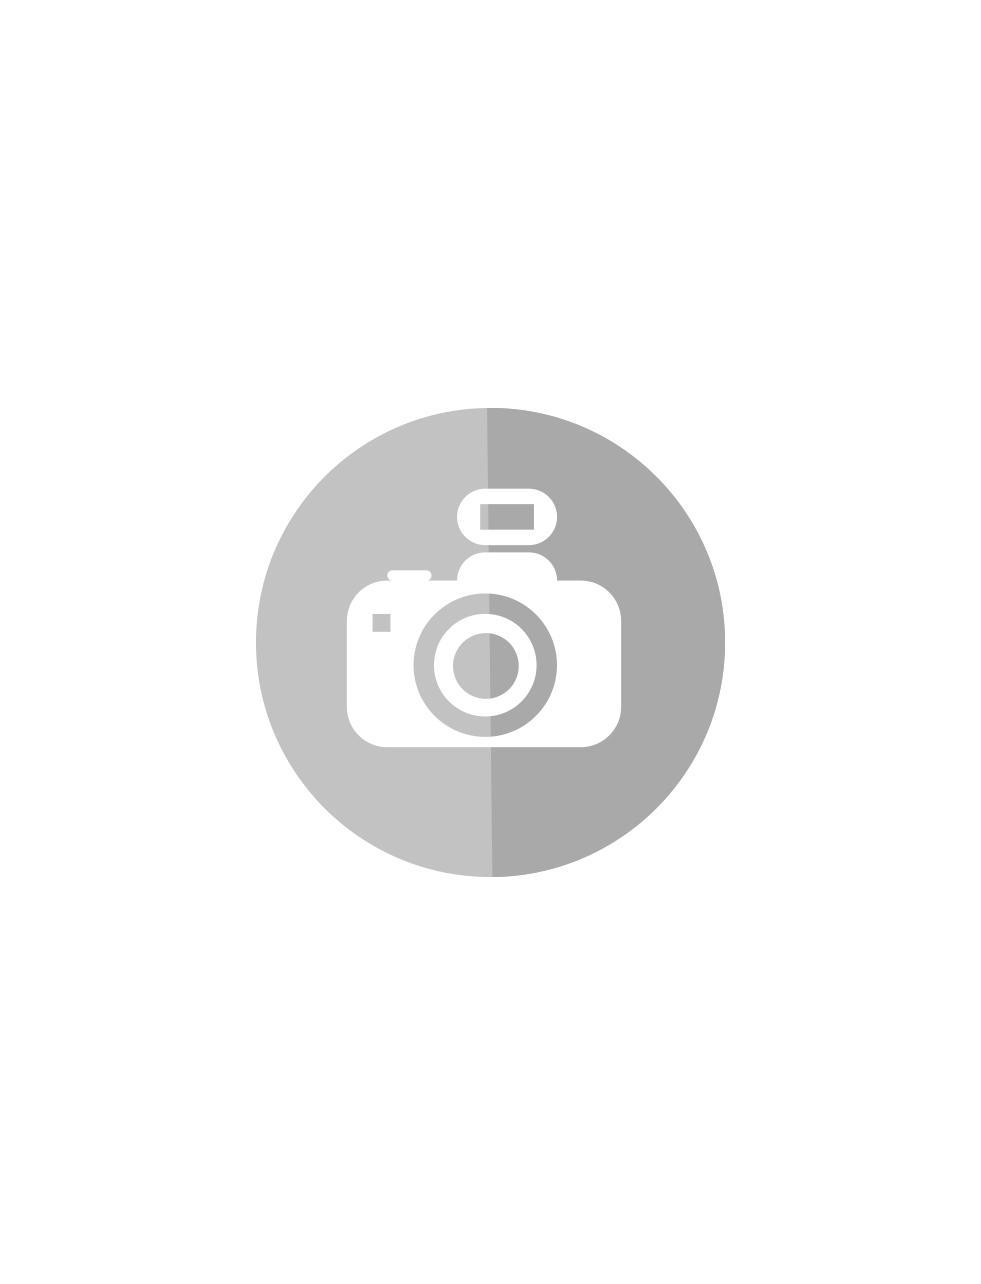 60652870_sparepart/WAGON: PASS. 123 ASS. CPT